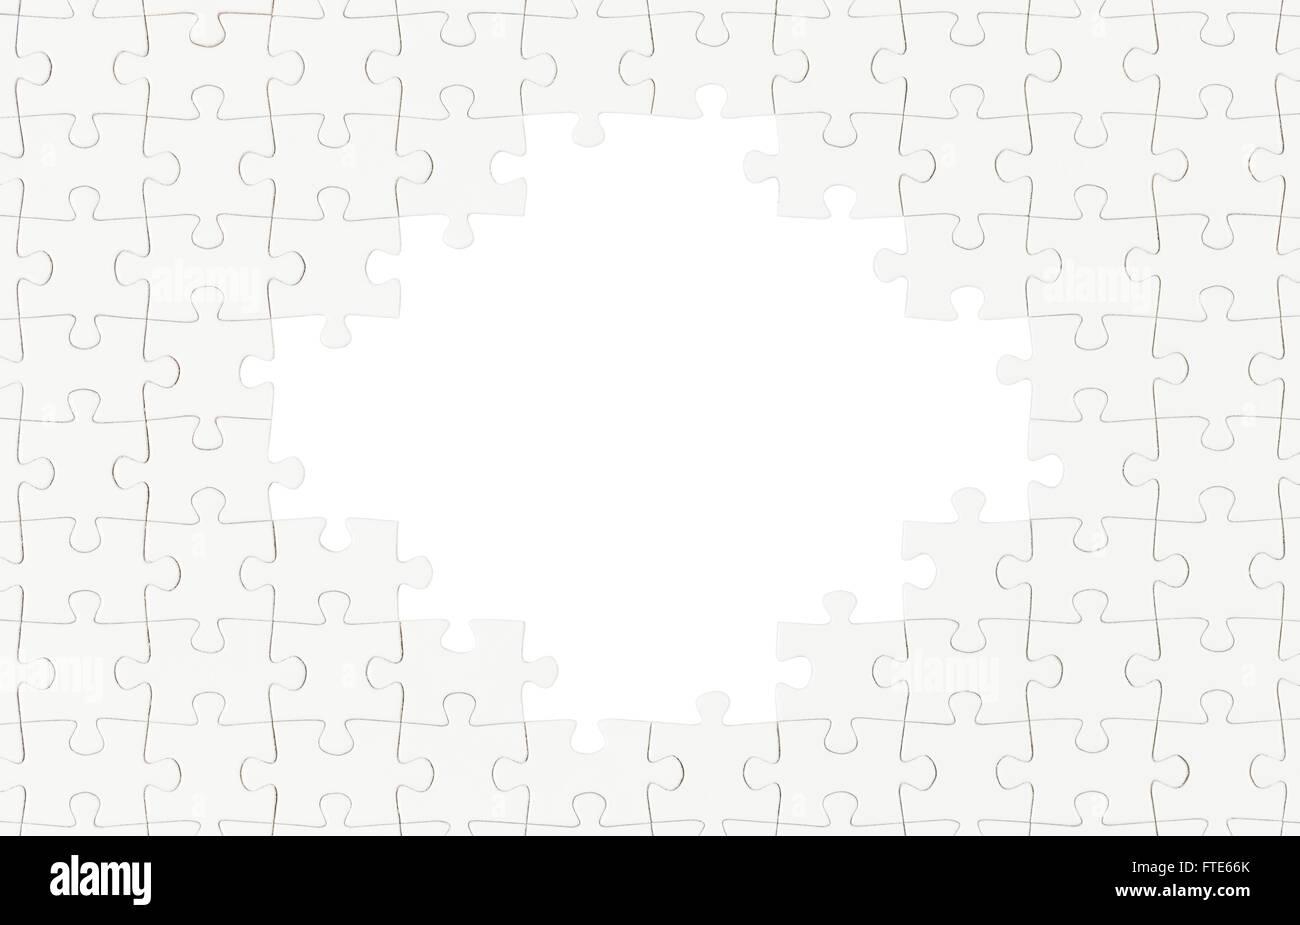 Schermata bianca vuota Puzzle con il foro al centro isolato su bianco. Immagini Stock